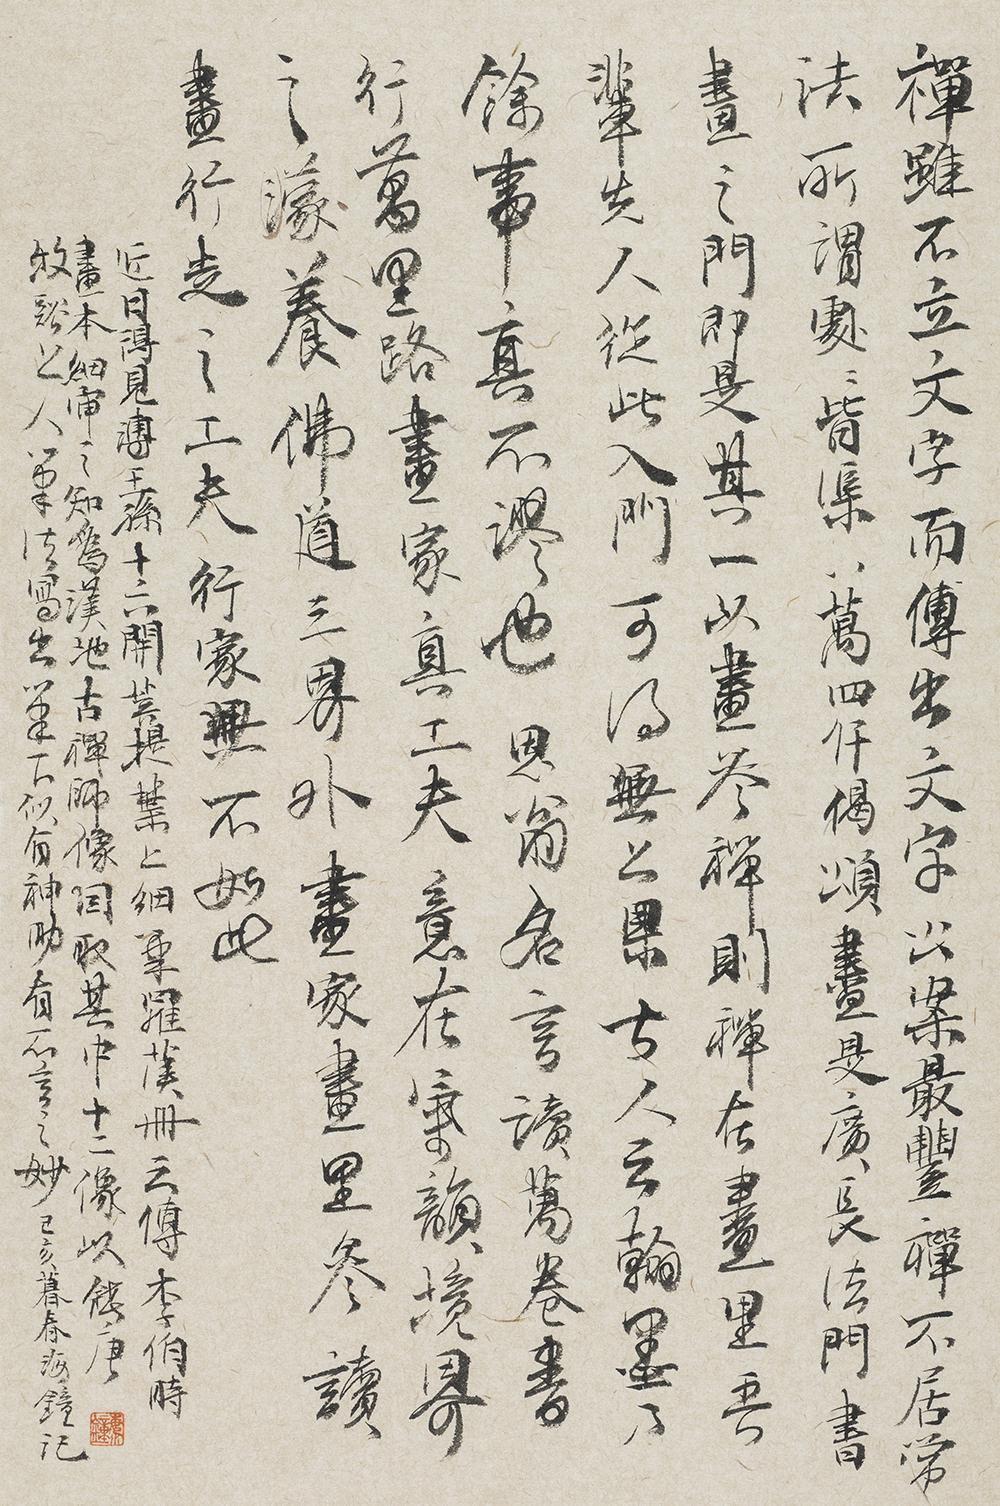 禅林宝相册 纸本水墨 22x34cm